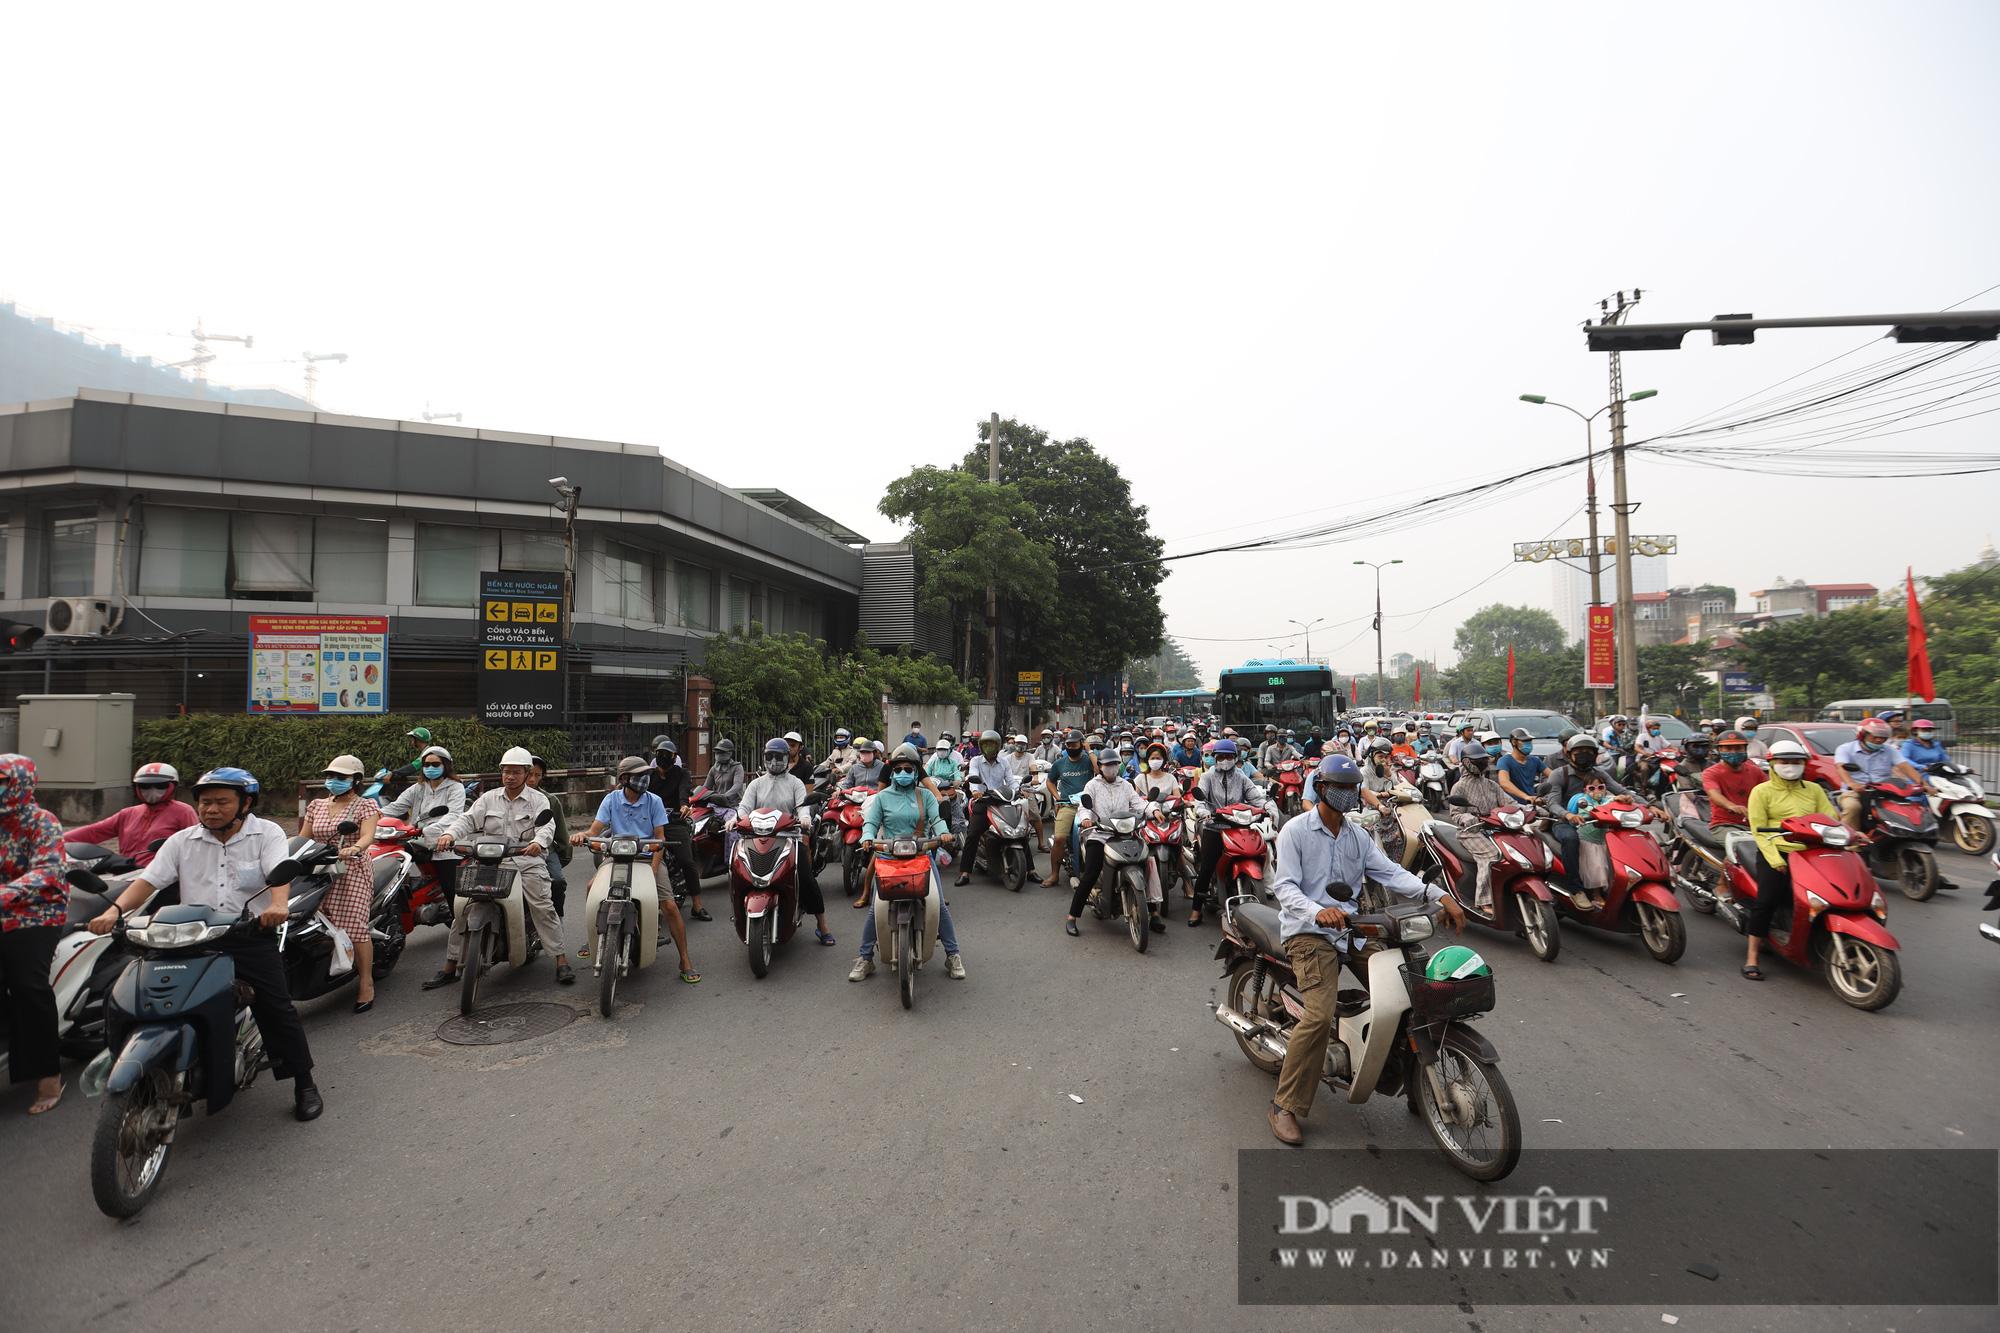 Cập nhật tình hình giao thông tại các cửa ngõ vào nội thành Hà Nội sau nghỉ lễ 2/9 - Ảnh 9.